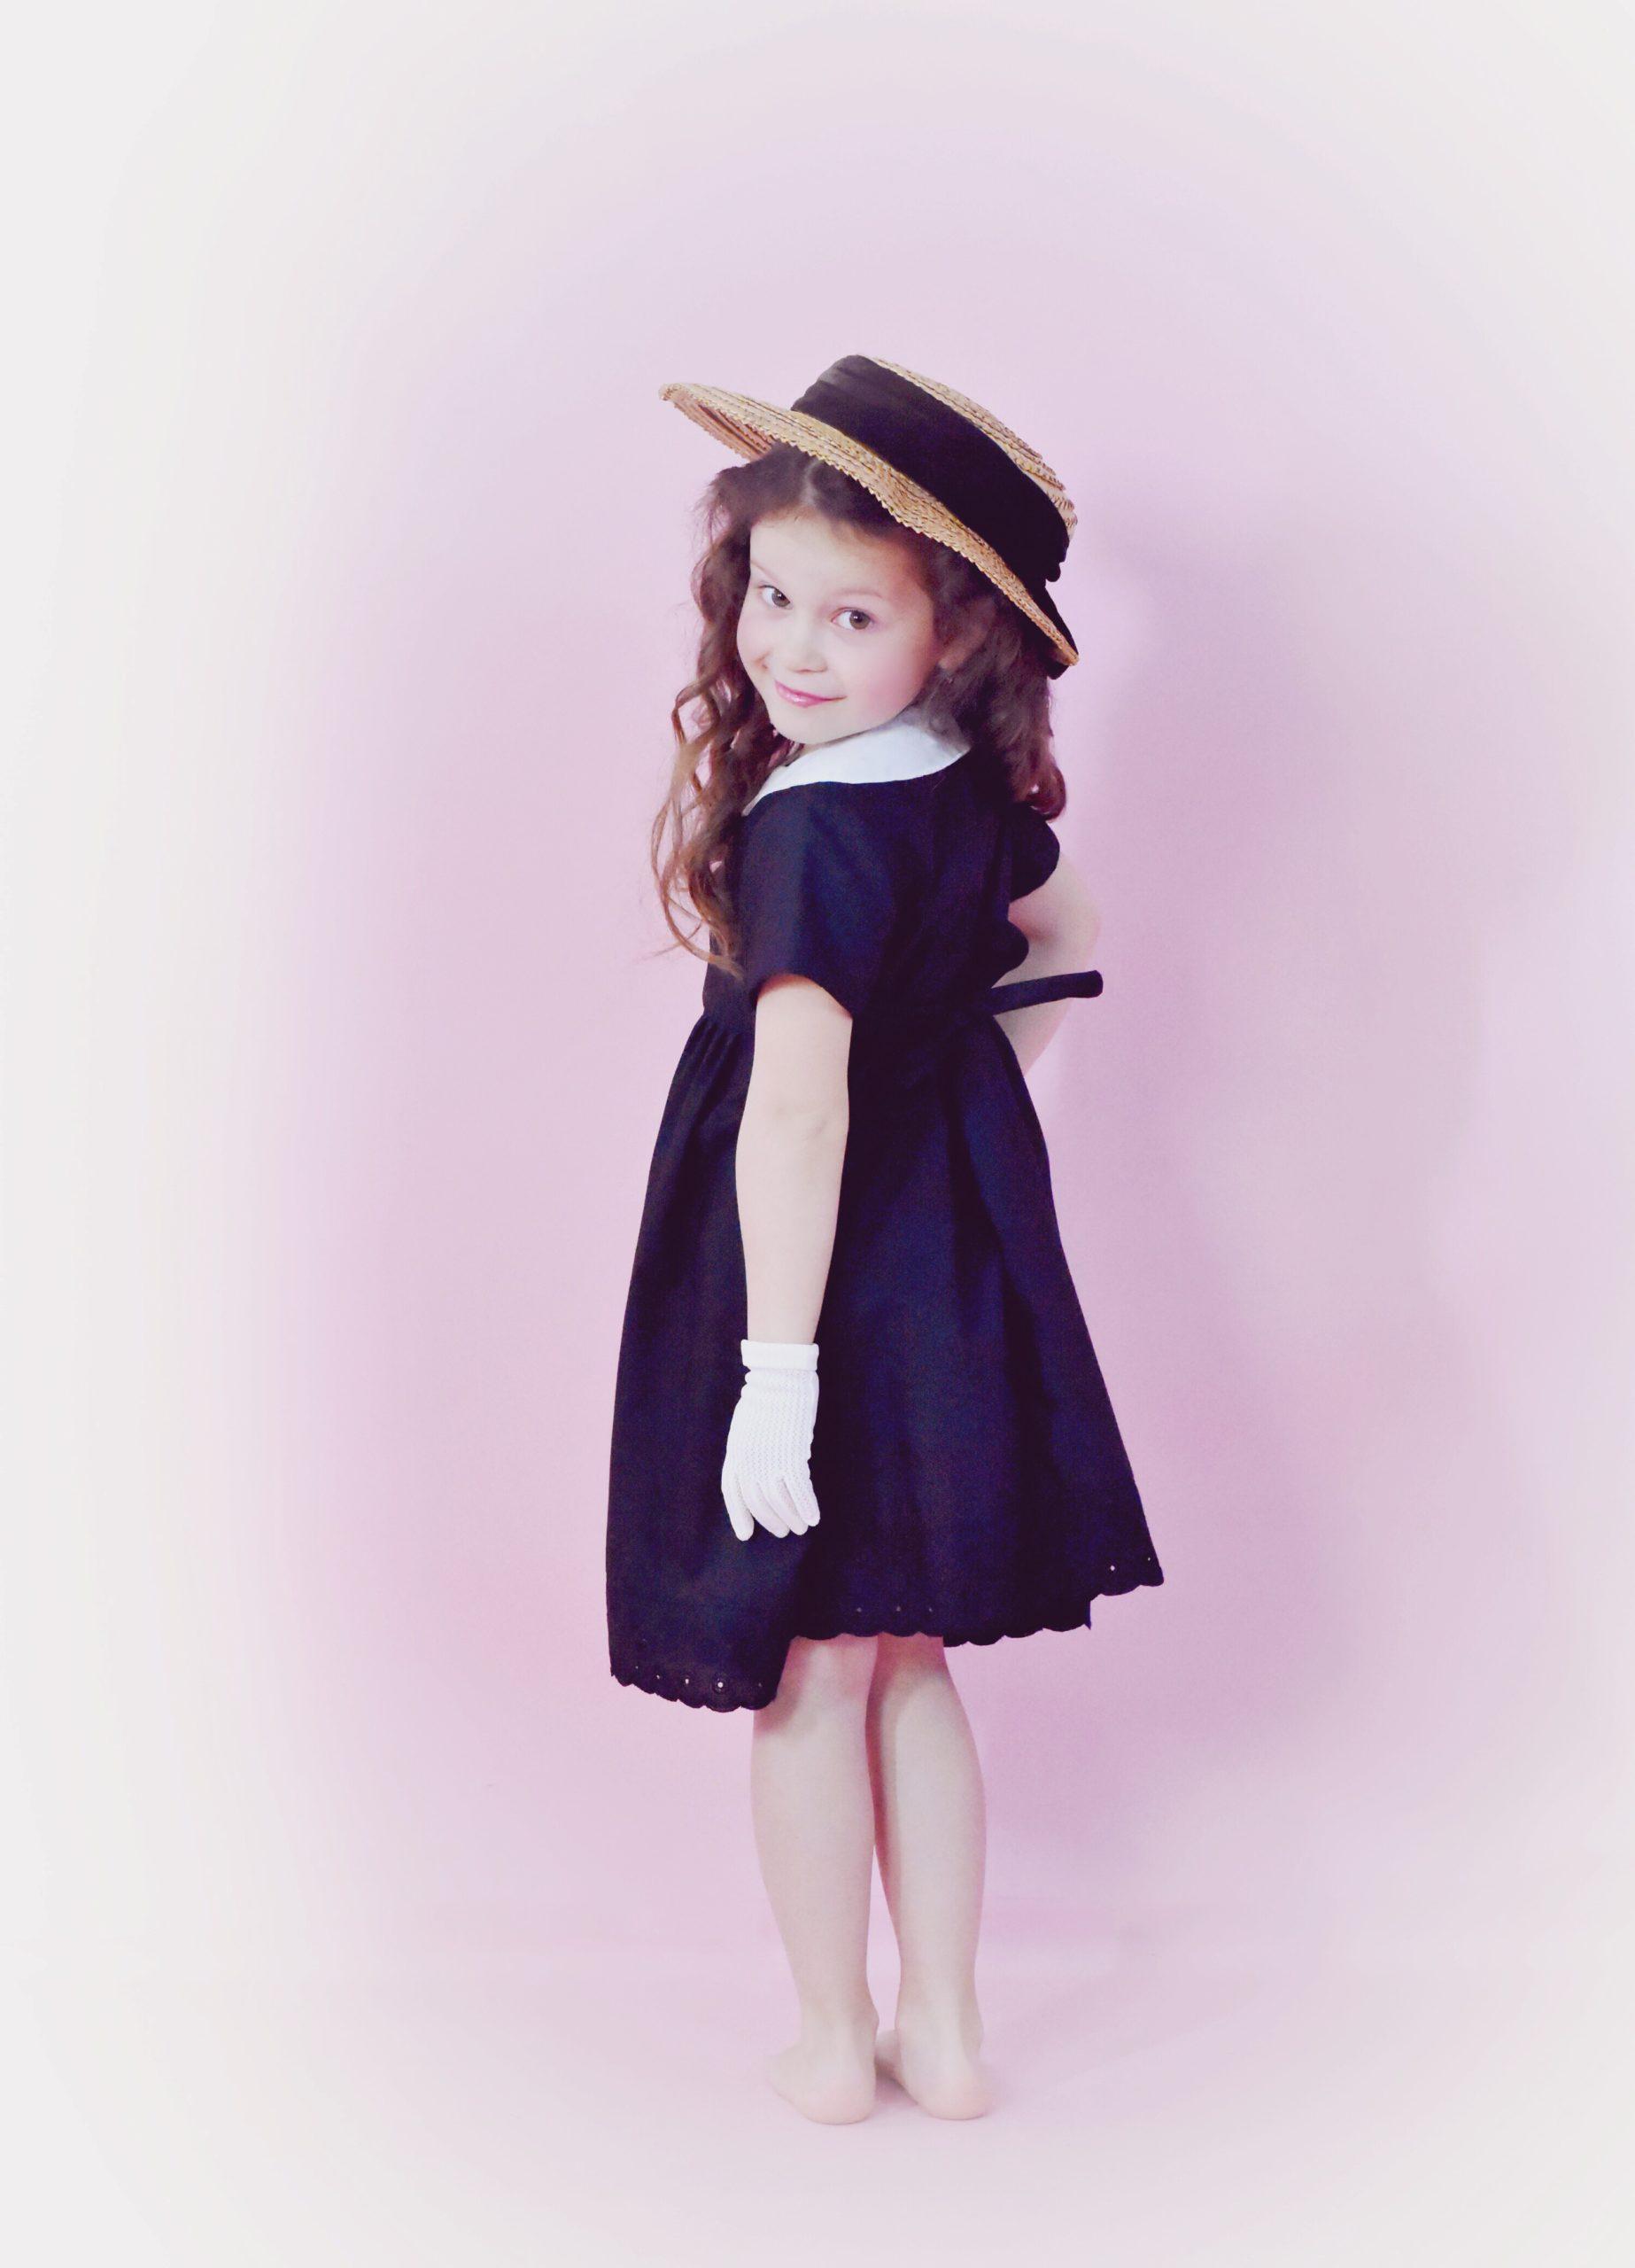 Robe Vintage Noire Col Claudine Blanc T 4ans Au Rendez Vous Des Pin Up